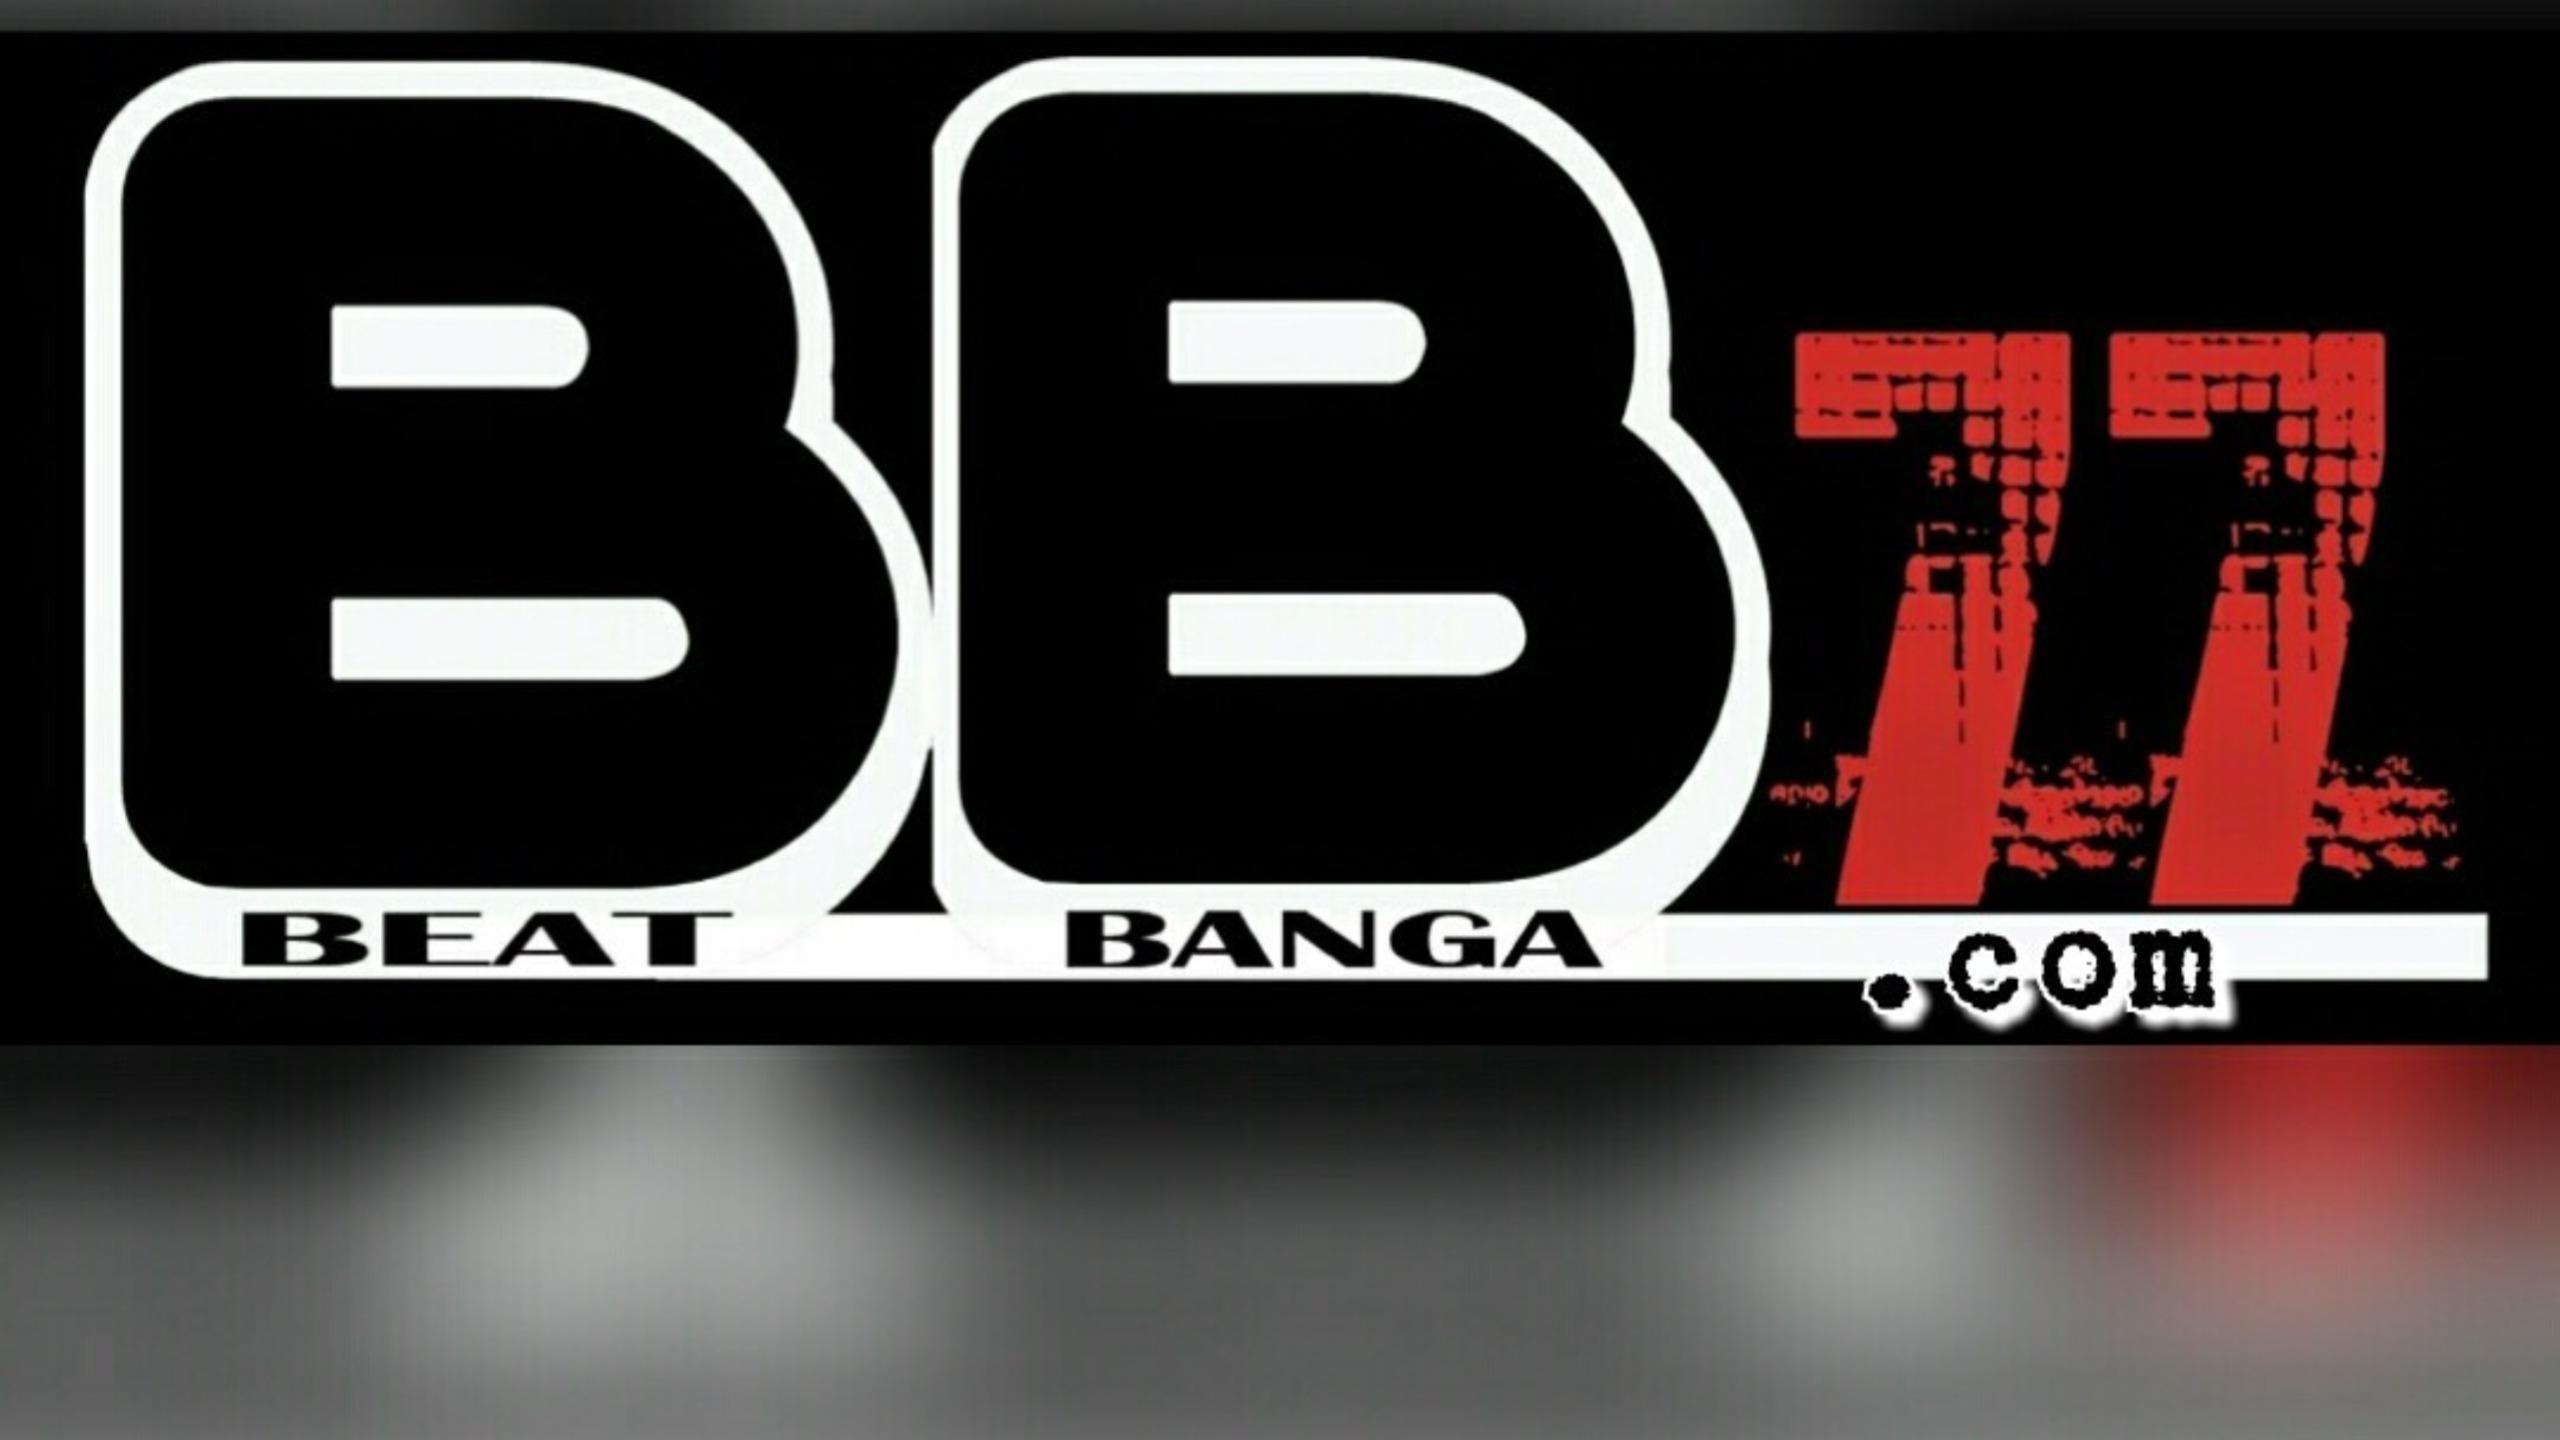 Beatbanga77 logo